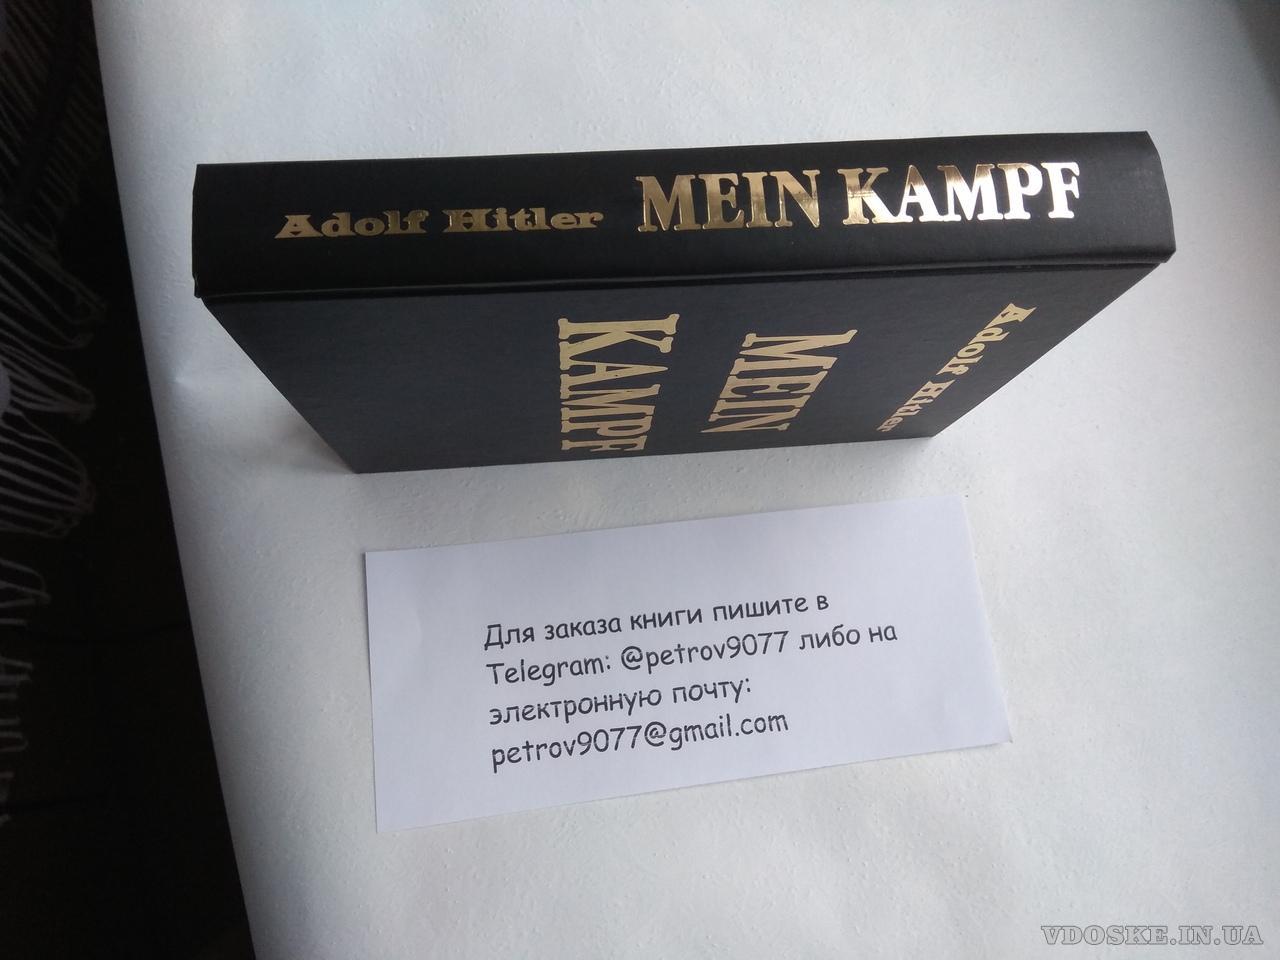 Adolf Hitler - Mein Kampf (Адольф Гитлер Майн Кампф) на русском - купить в Москве, России, СПБ